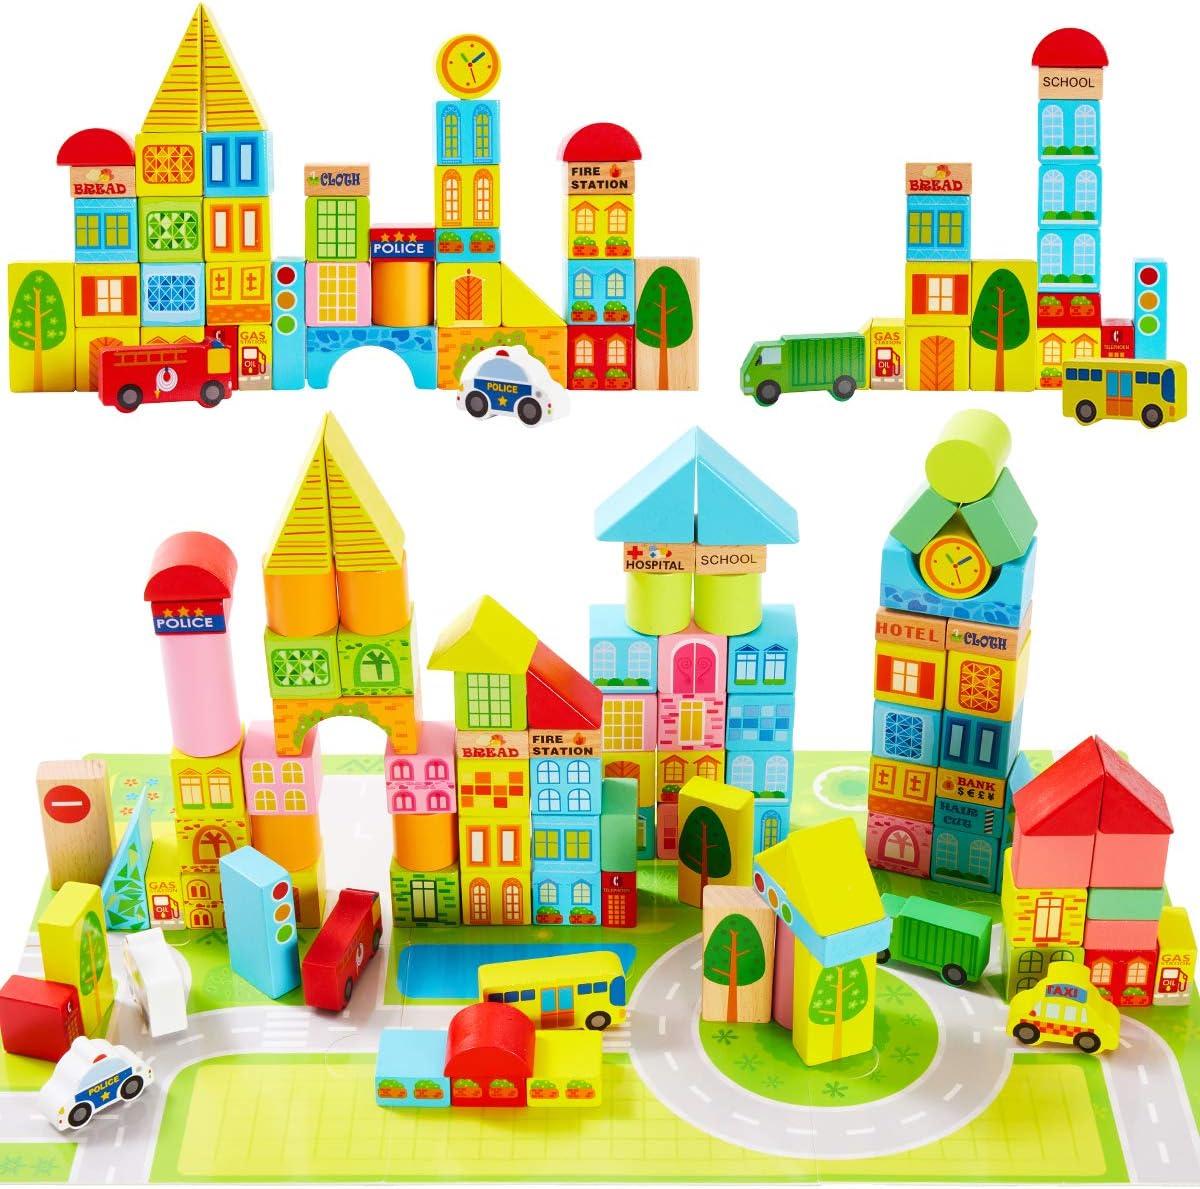 Onshine 100 Piezas Bloques Madera Construccion para Niños Puzzle Coloridos Señales de Trafico de Juguete Juegos Educativos para Niños 3 4 5 6 Años